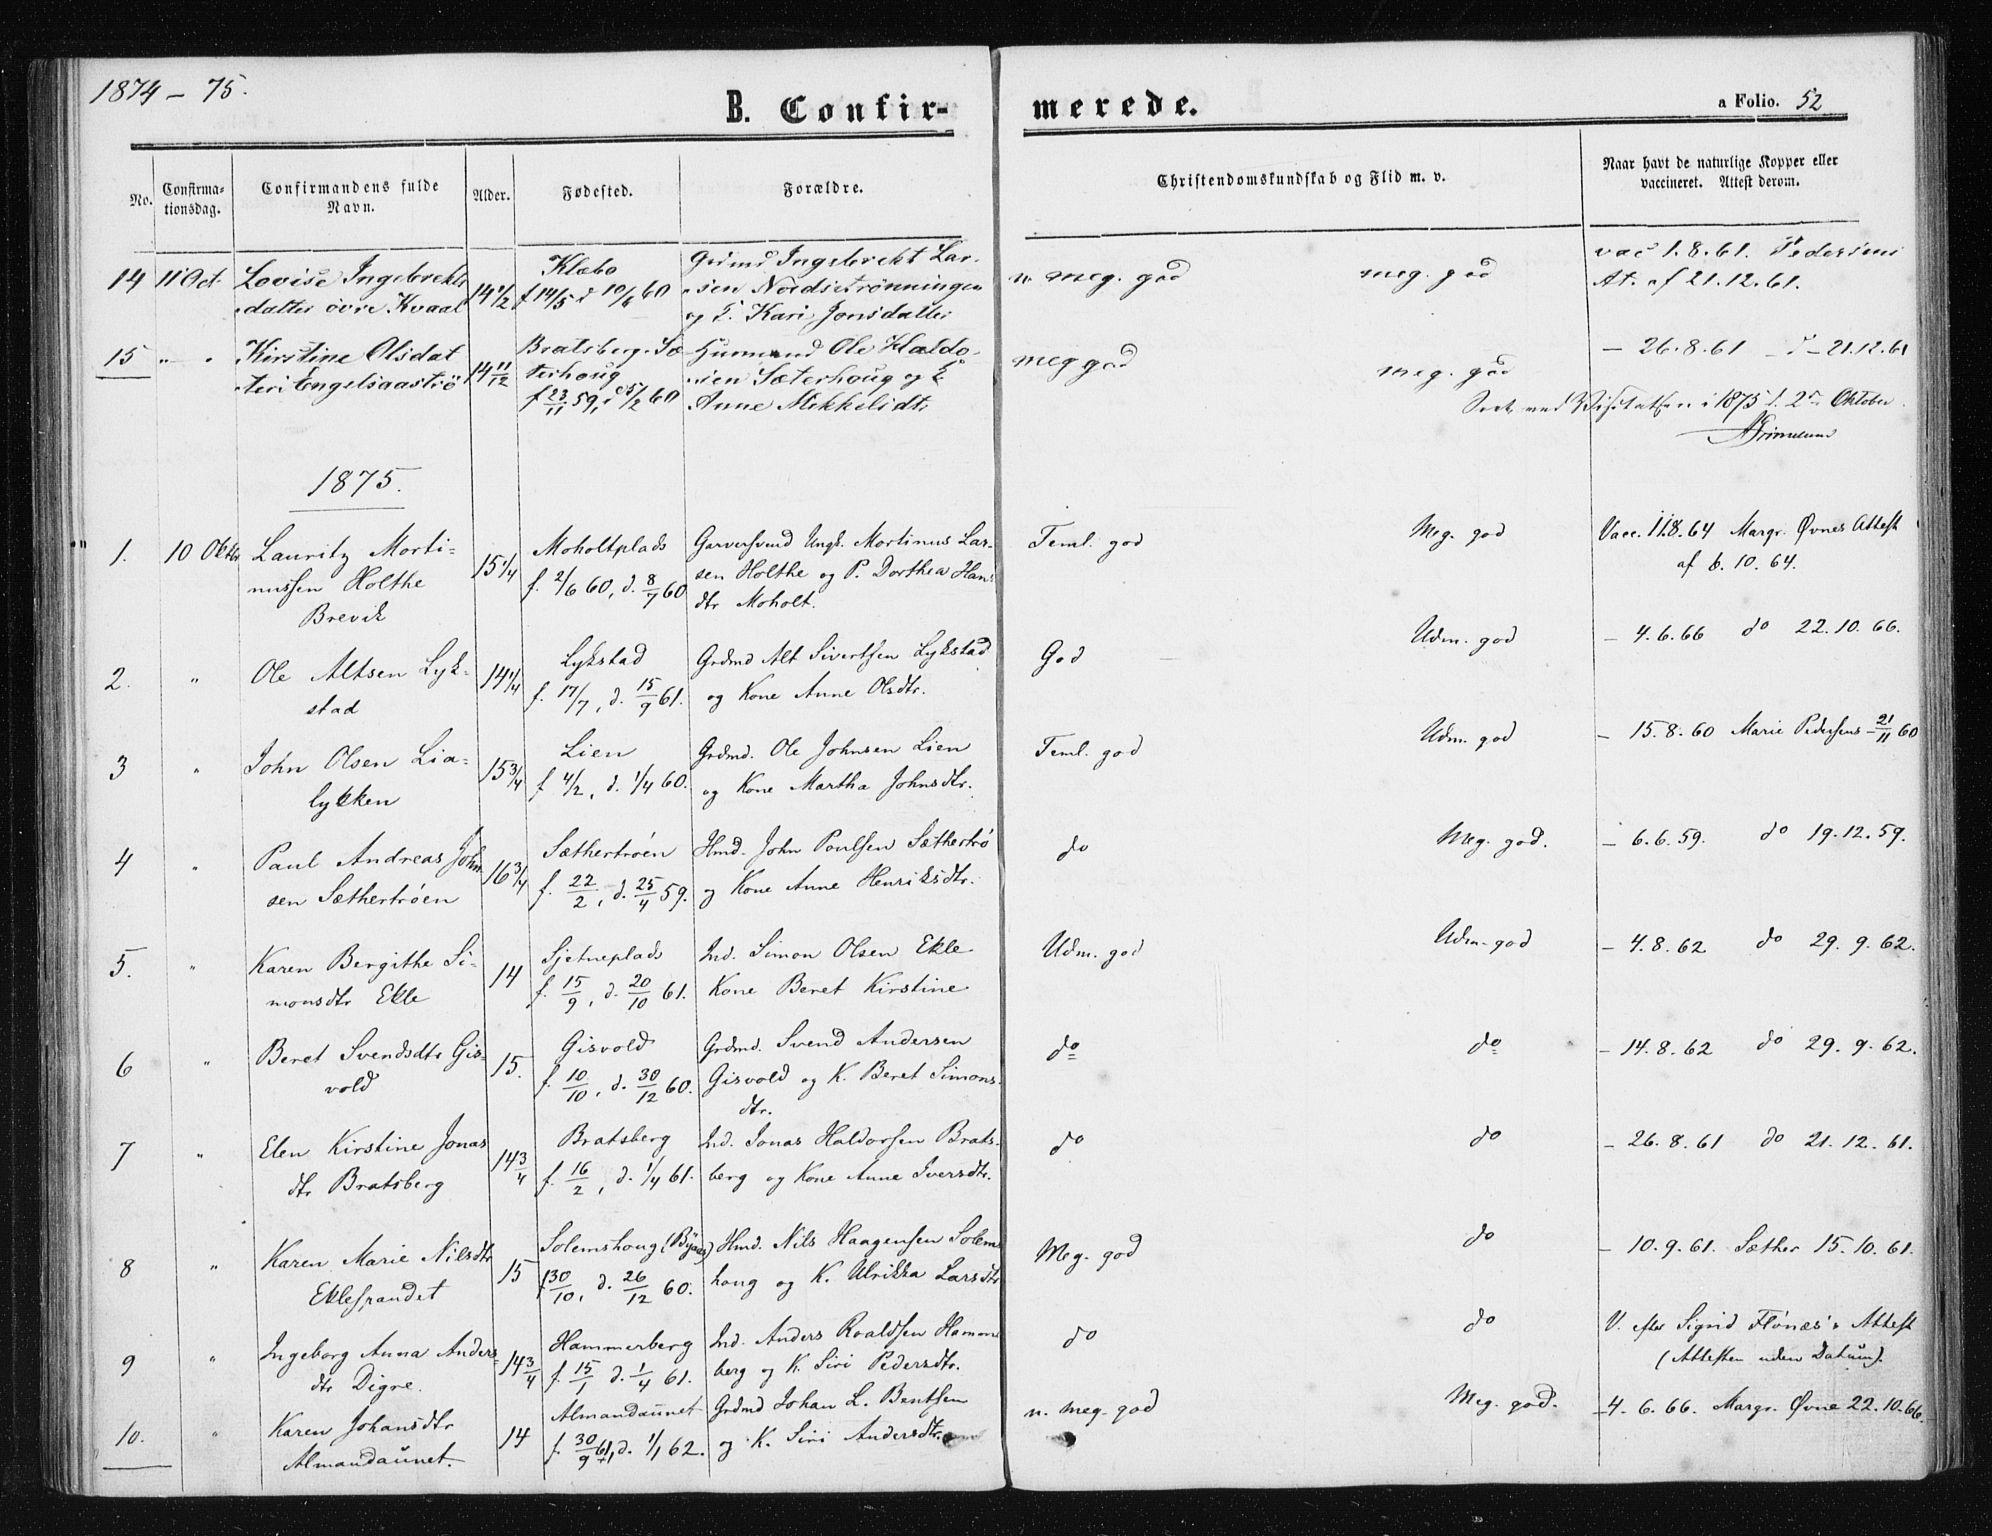 SAT, Ministerialprotokoller, klokkerbøker og fødselsregistre - Sør-Trøndelag, 608/L0333: Ministerialbok nr. 608A02, 1862-1876, s. 52